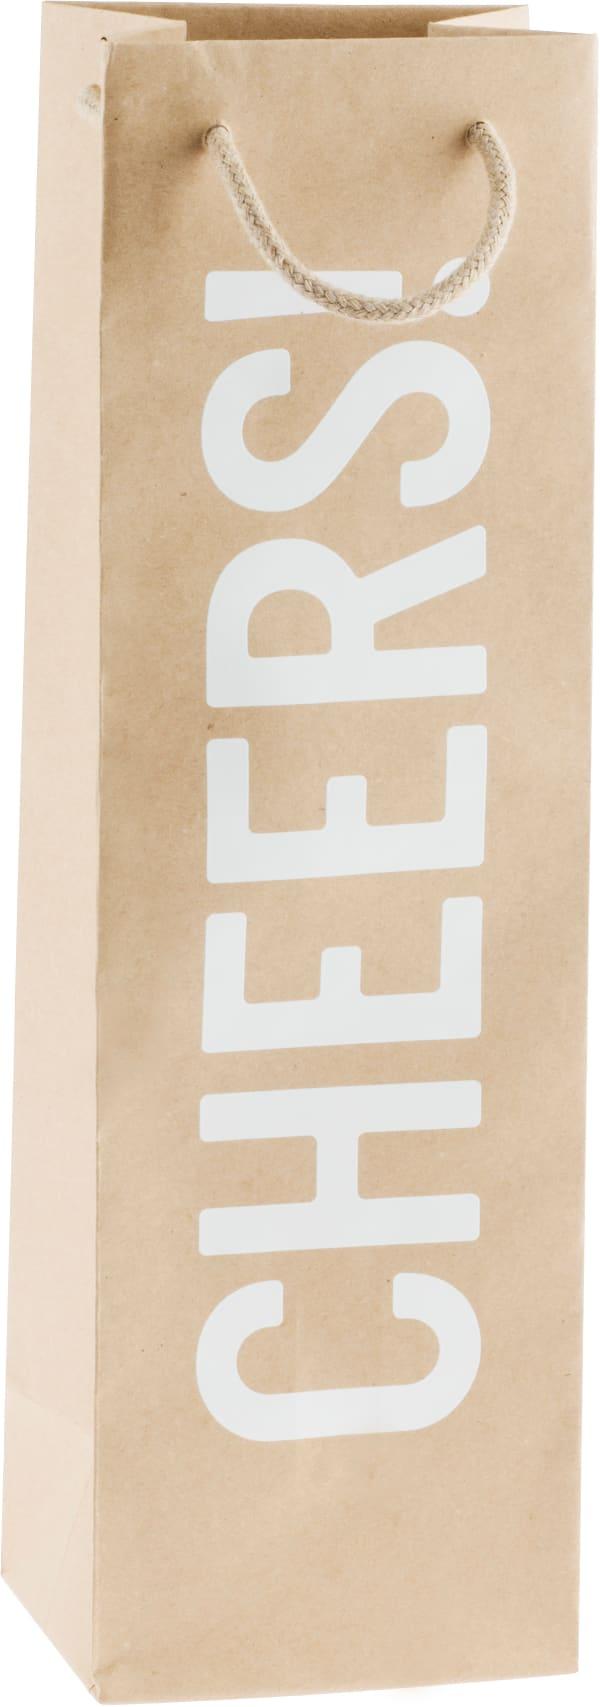 Cheers Eco gift bag